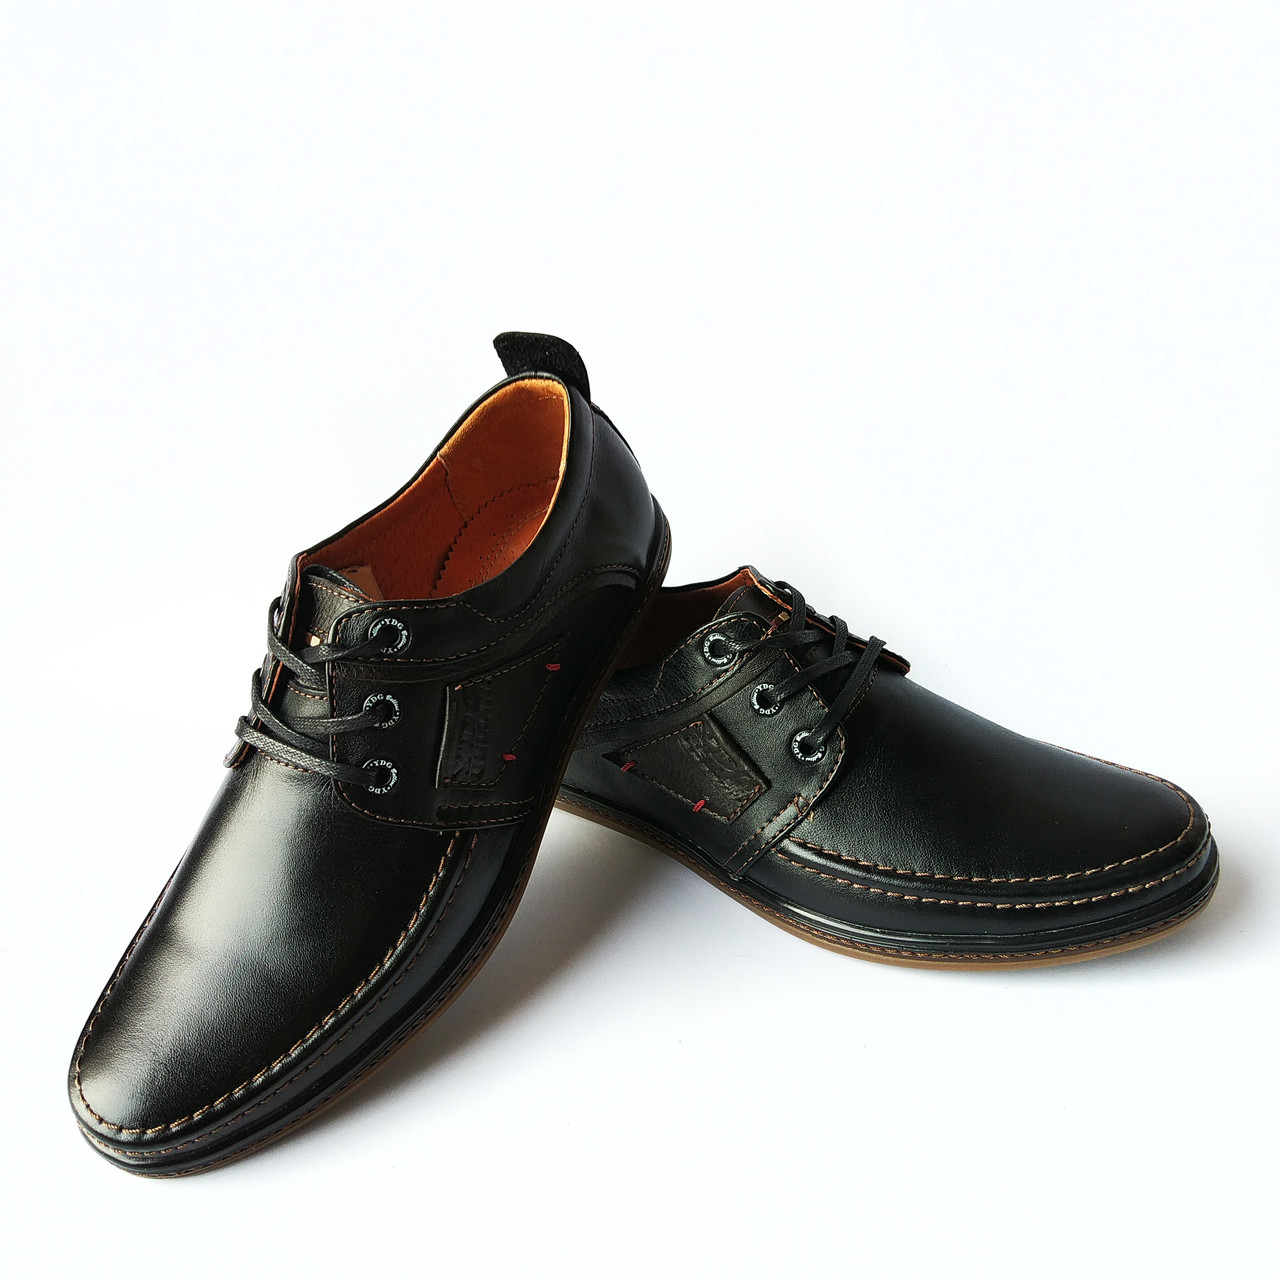 Харьковская фабрики обуви ydg  мужские кожаные туфли, черного цвета,  повседневные - Интернет- 5255a1cbda4